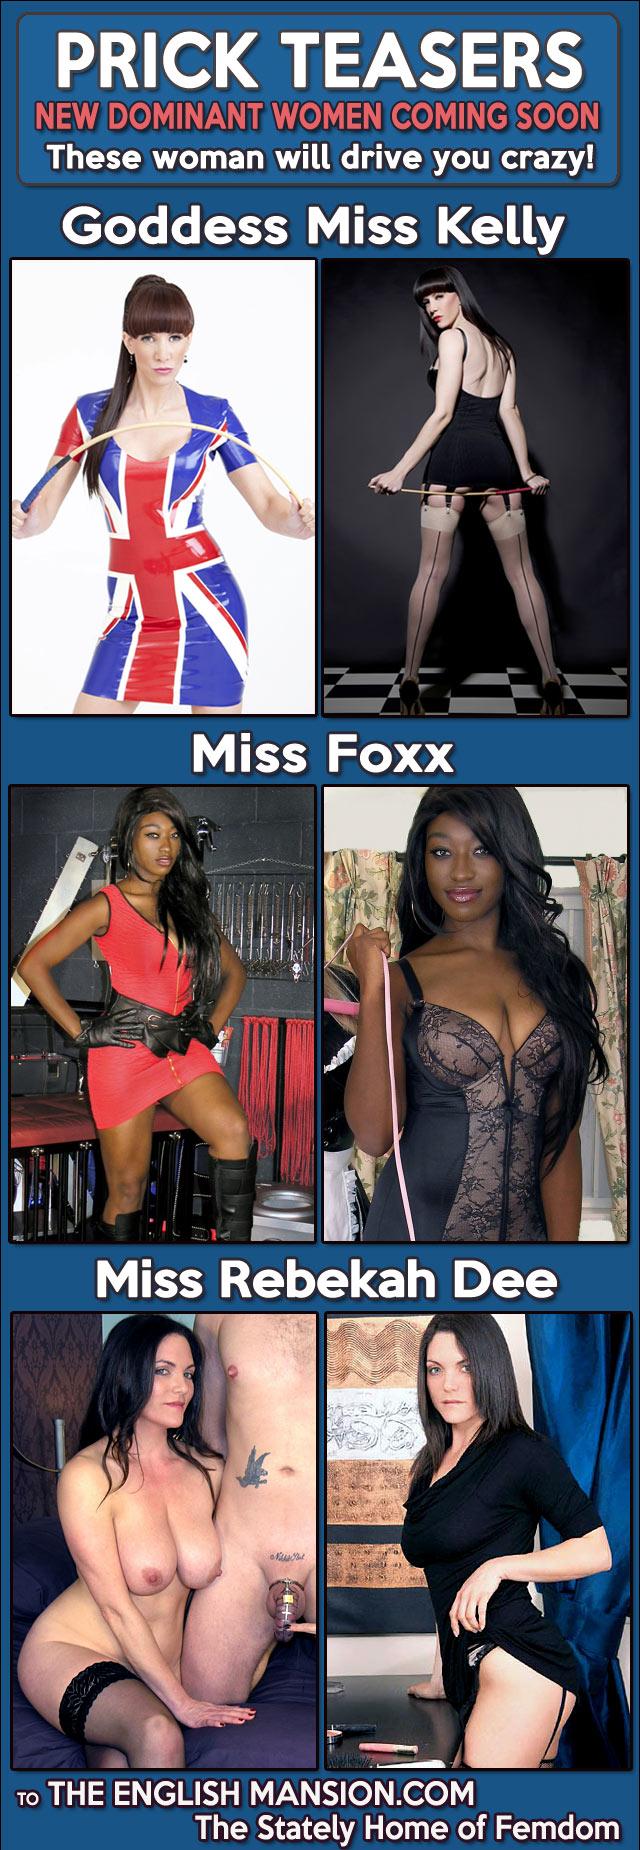 NewDominas2015-GoddessMissKelly-MissFoxx-RebekahDee-